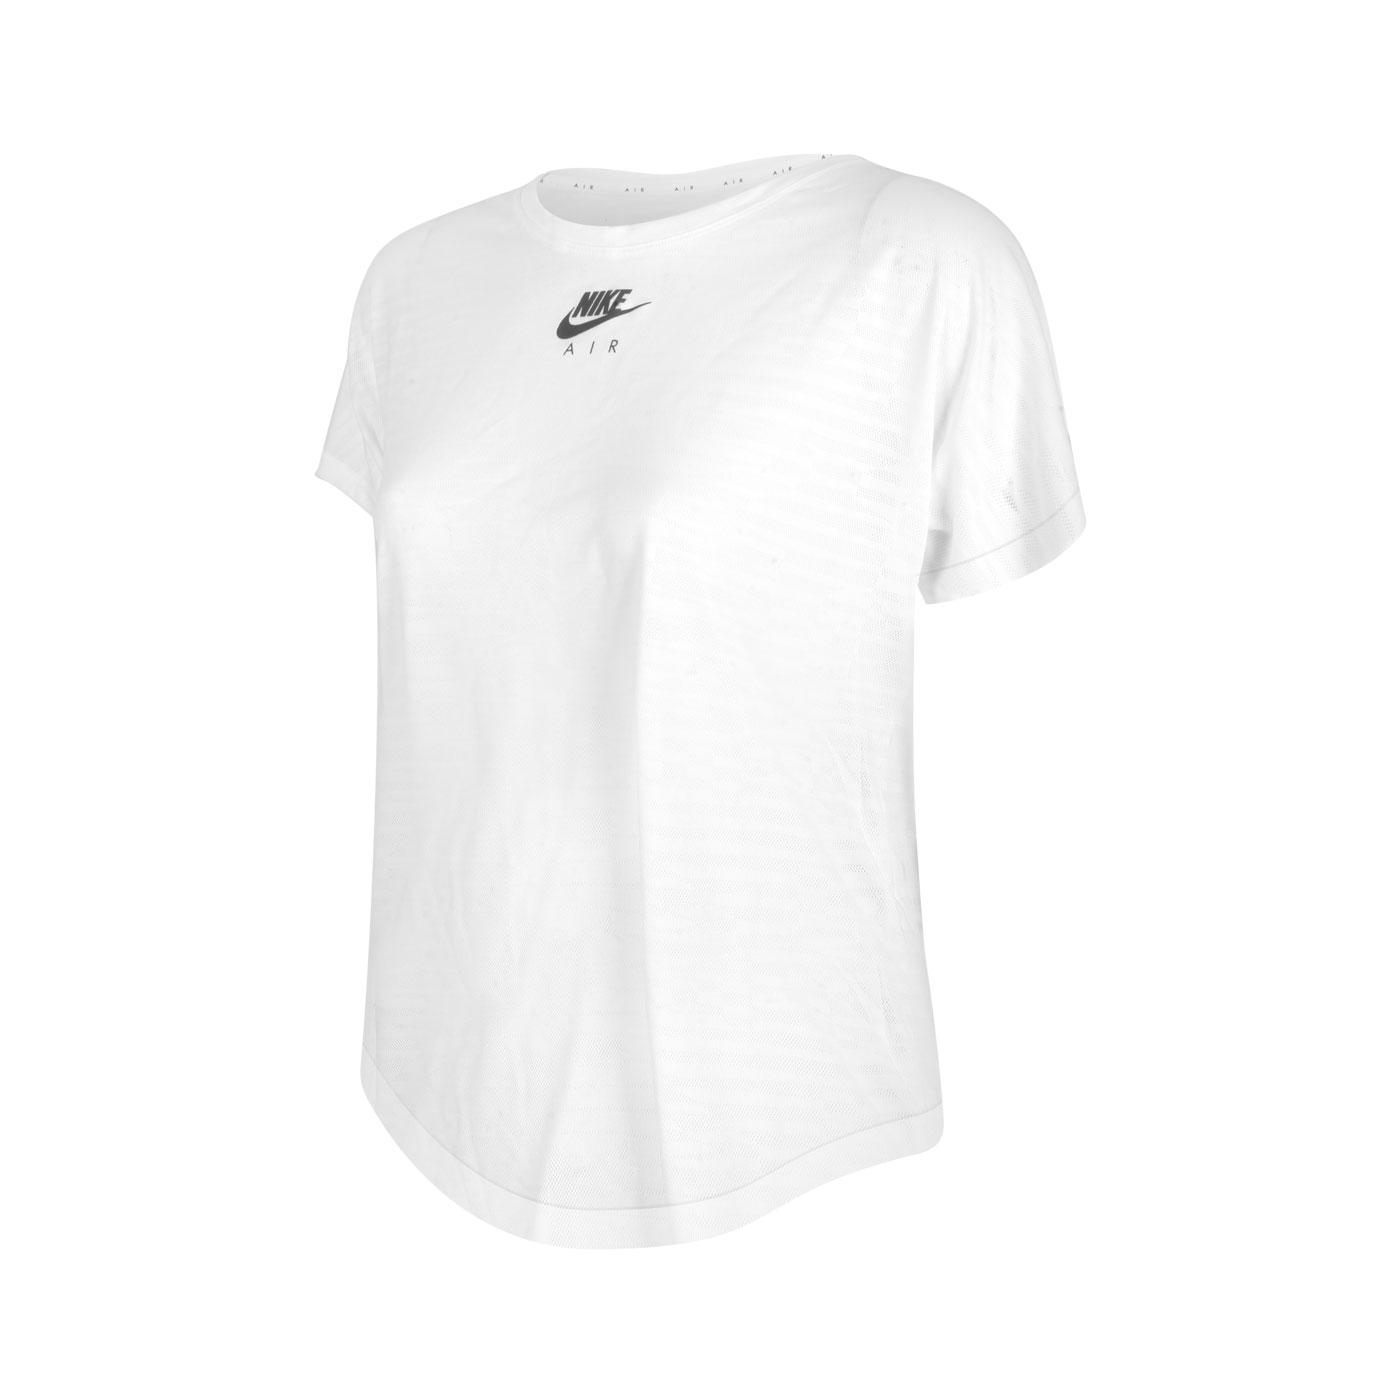 NIKE 女款短袖T恤 CZ9155-100